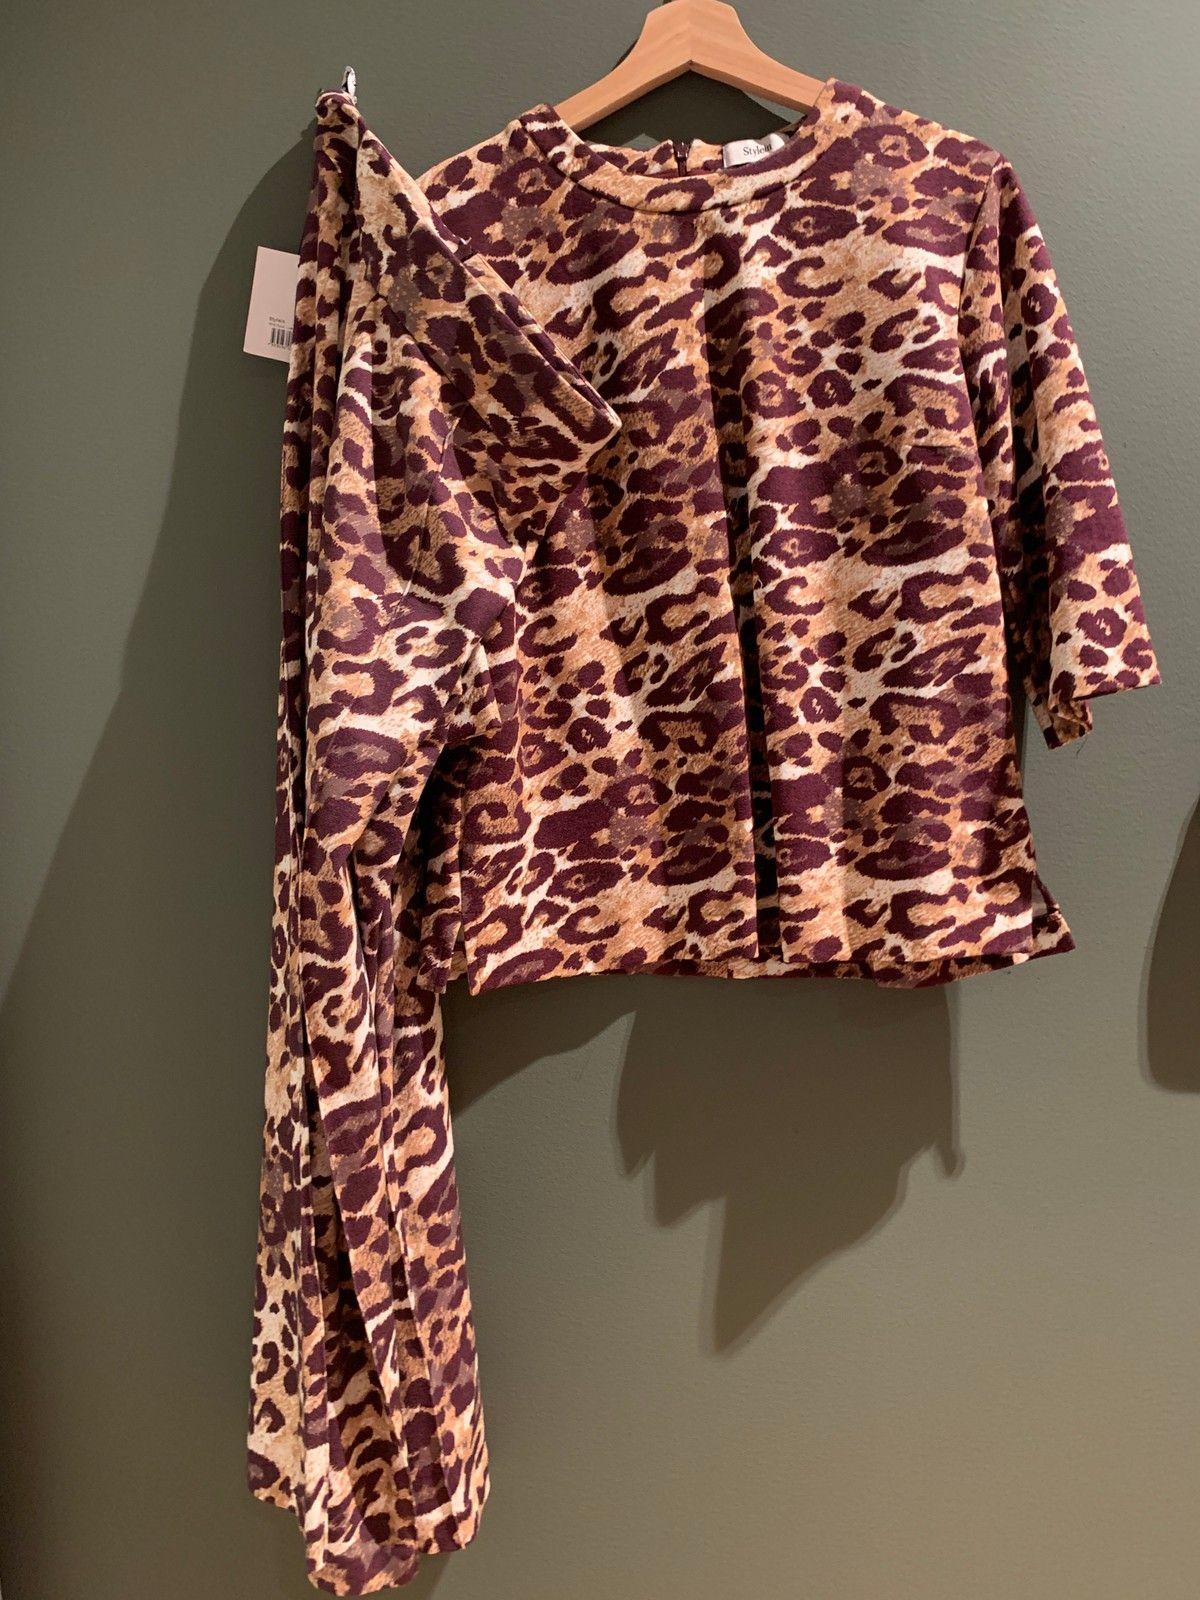 Leopard sett.bukse og genser fra Aljaki | FINN.no